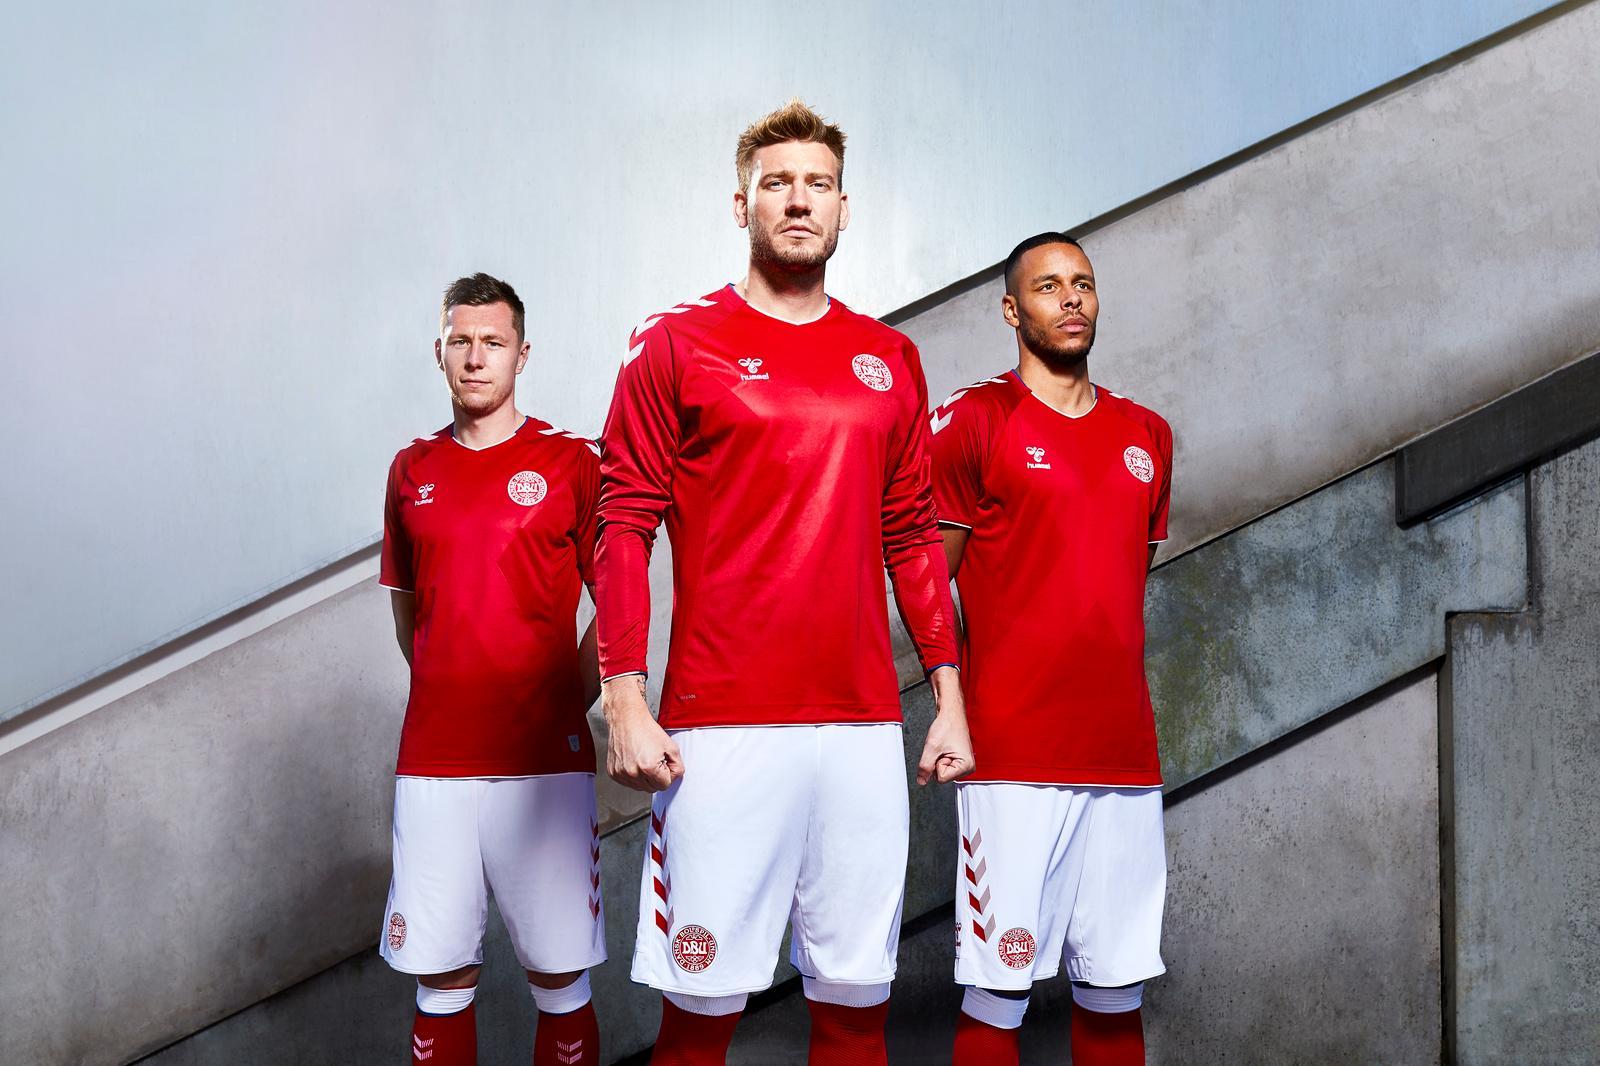 Новая форма сборной Дании 2018